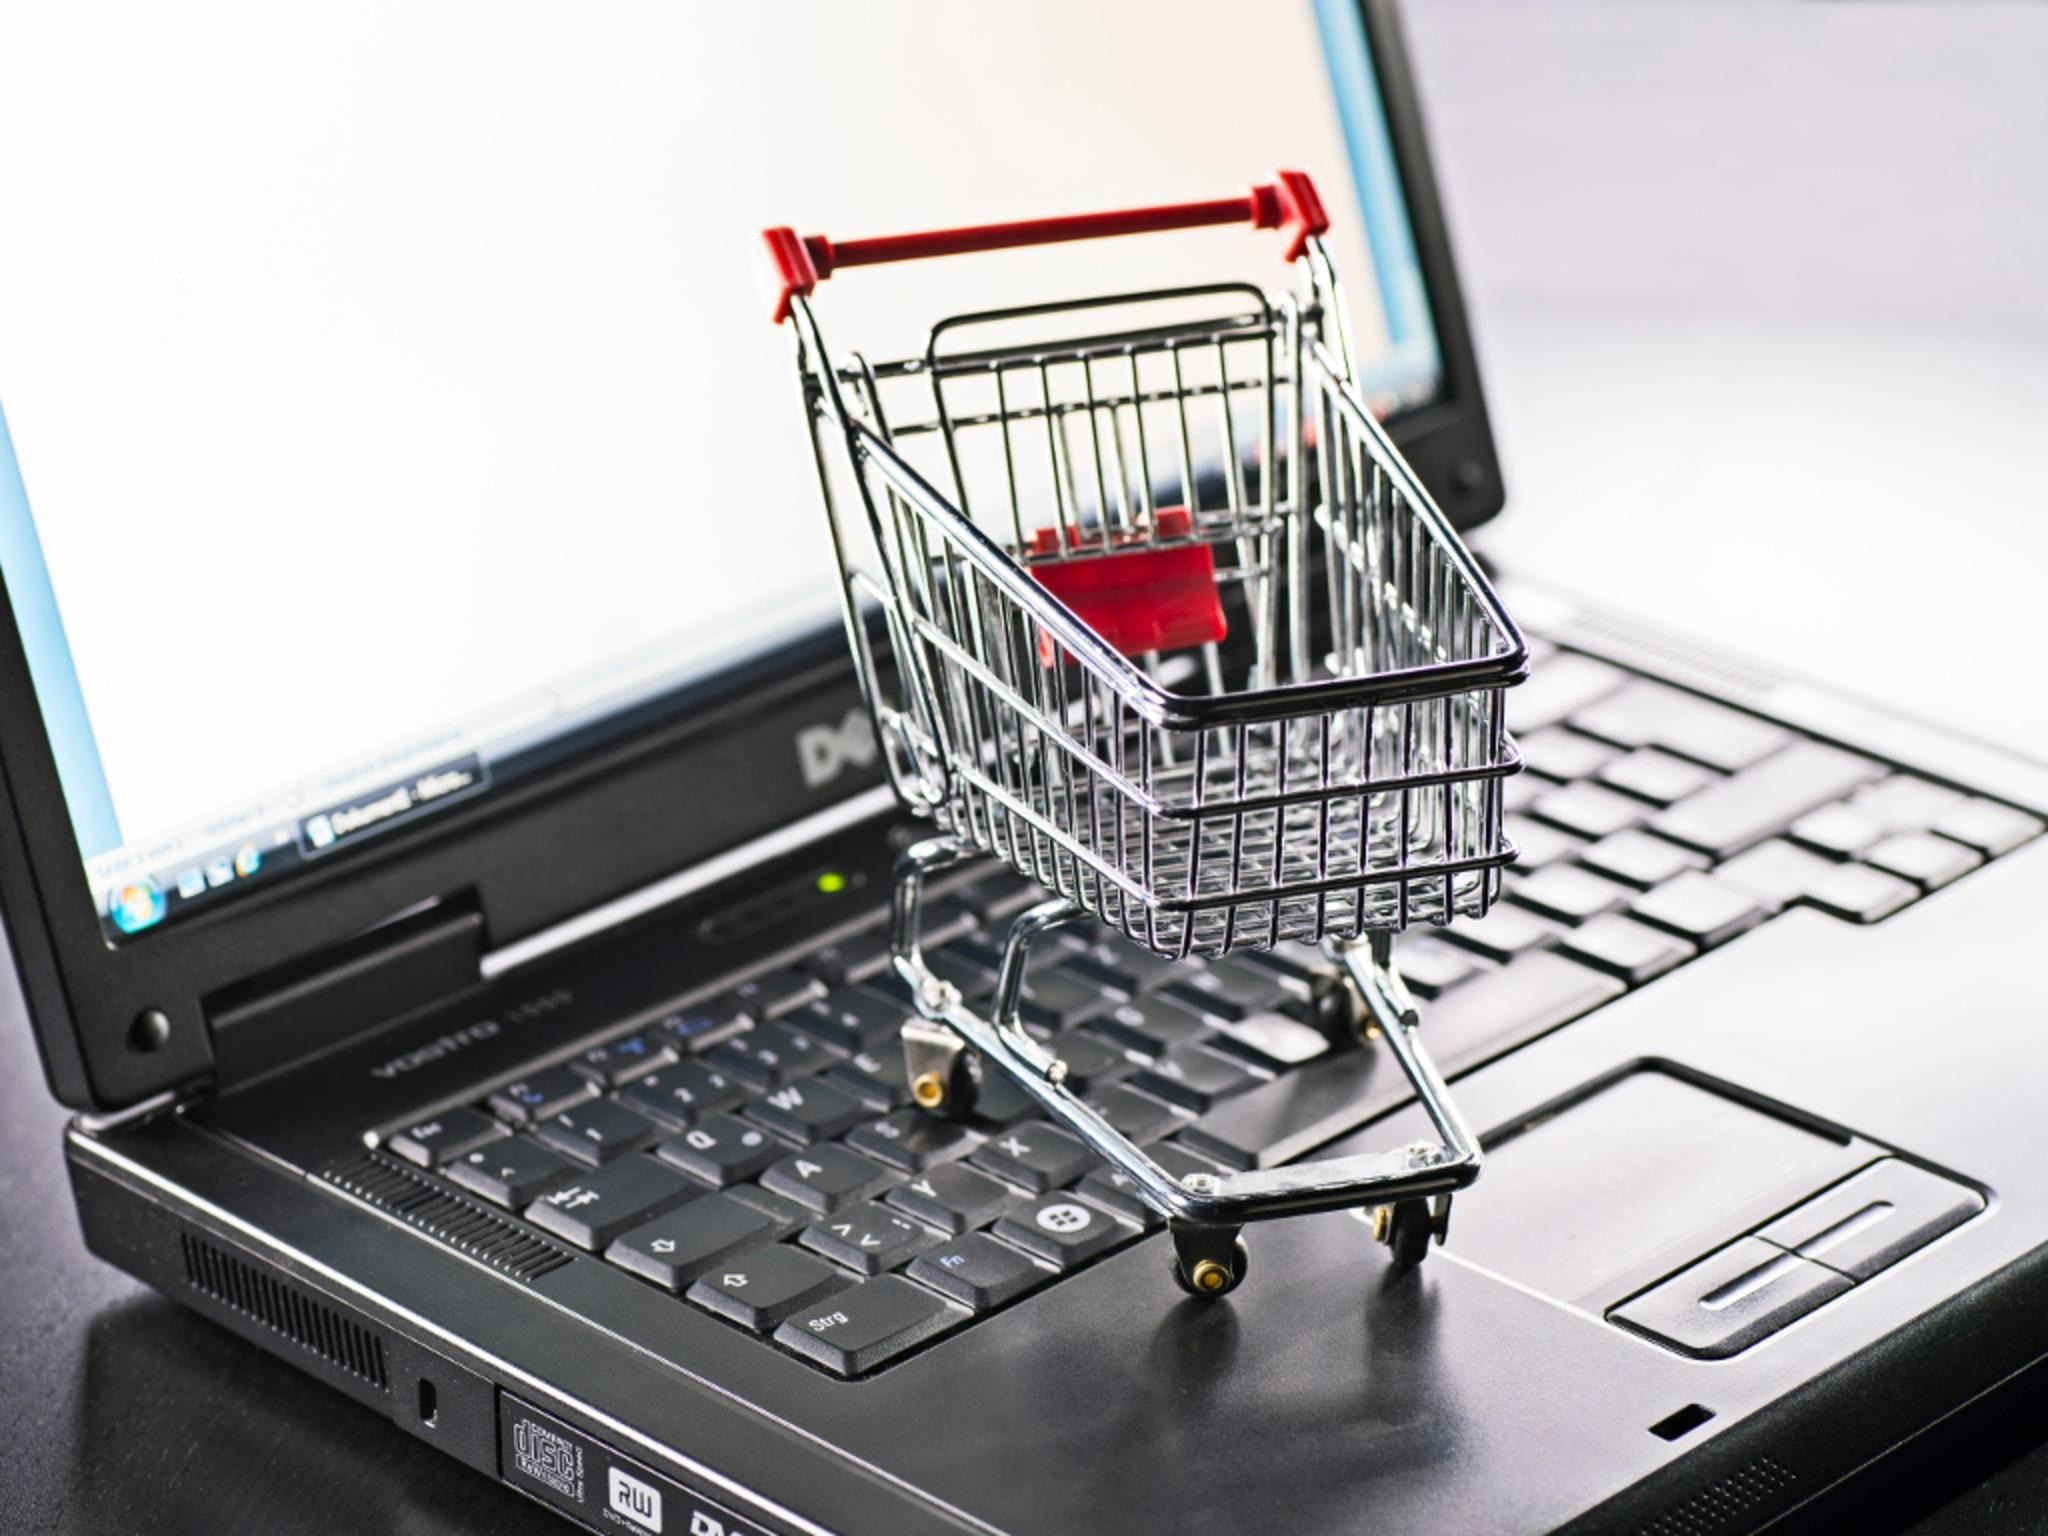 Laptop Gebraucht Kaufen Darauf Musst Du Achten